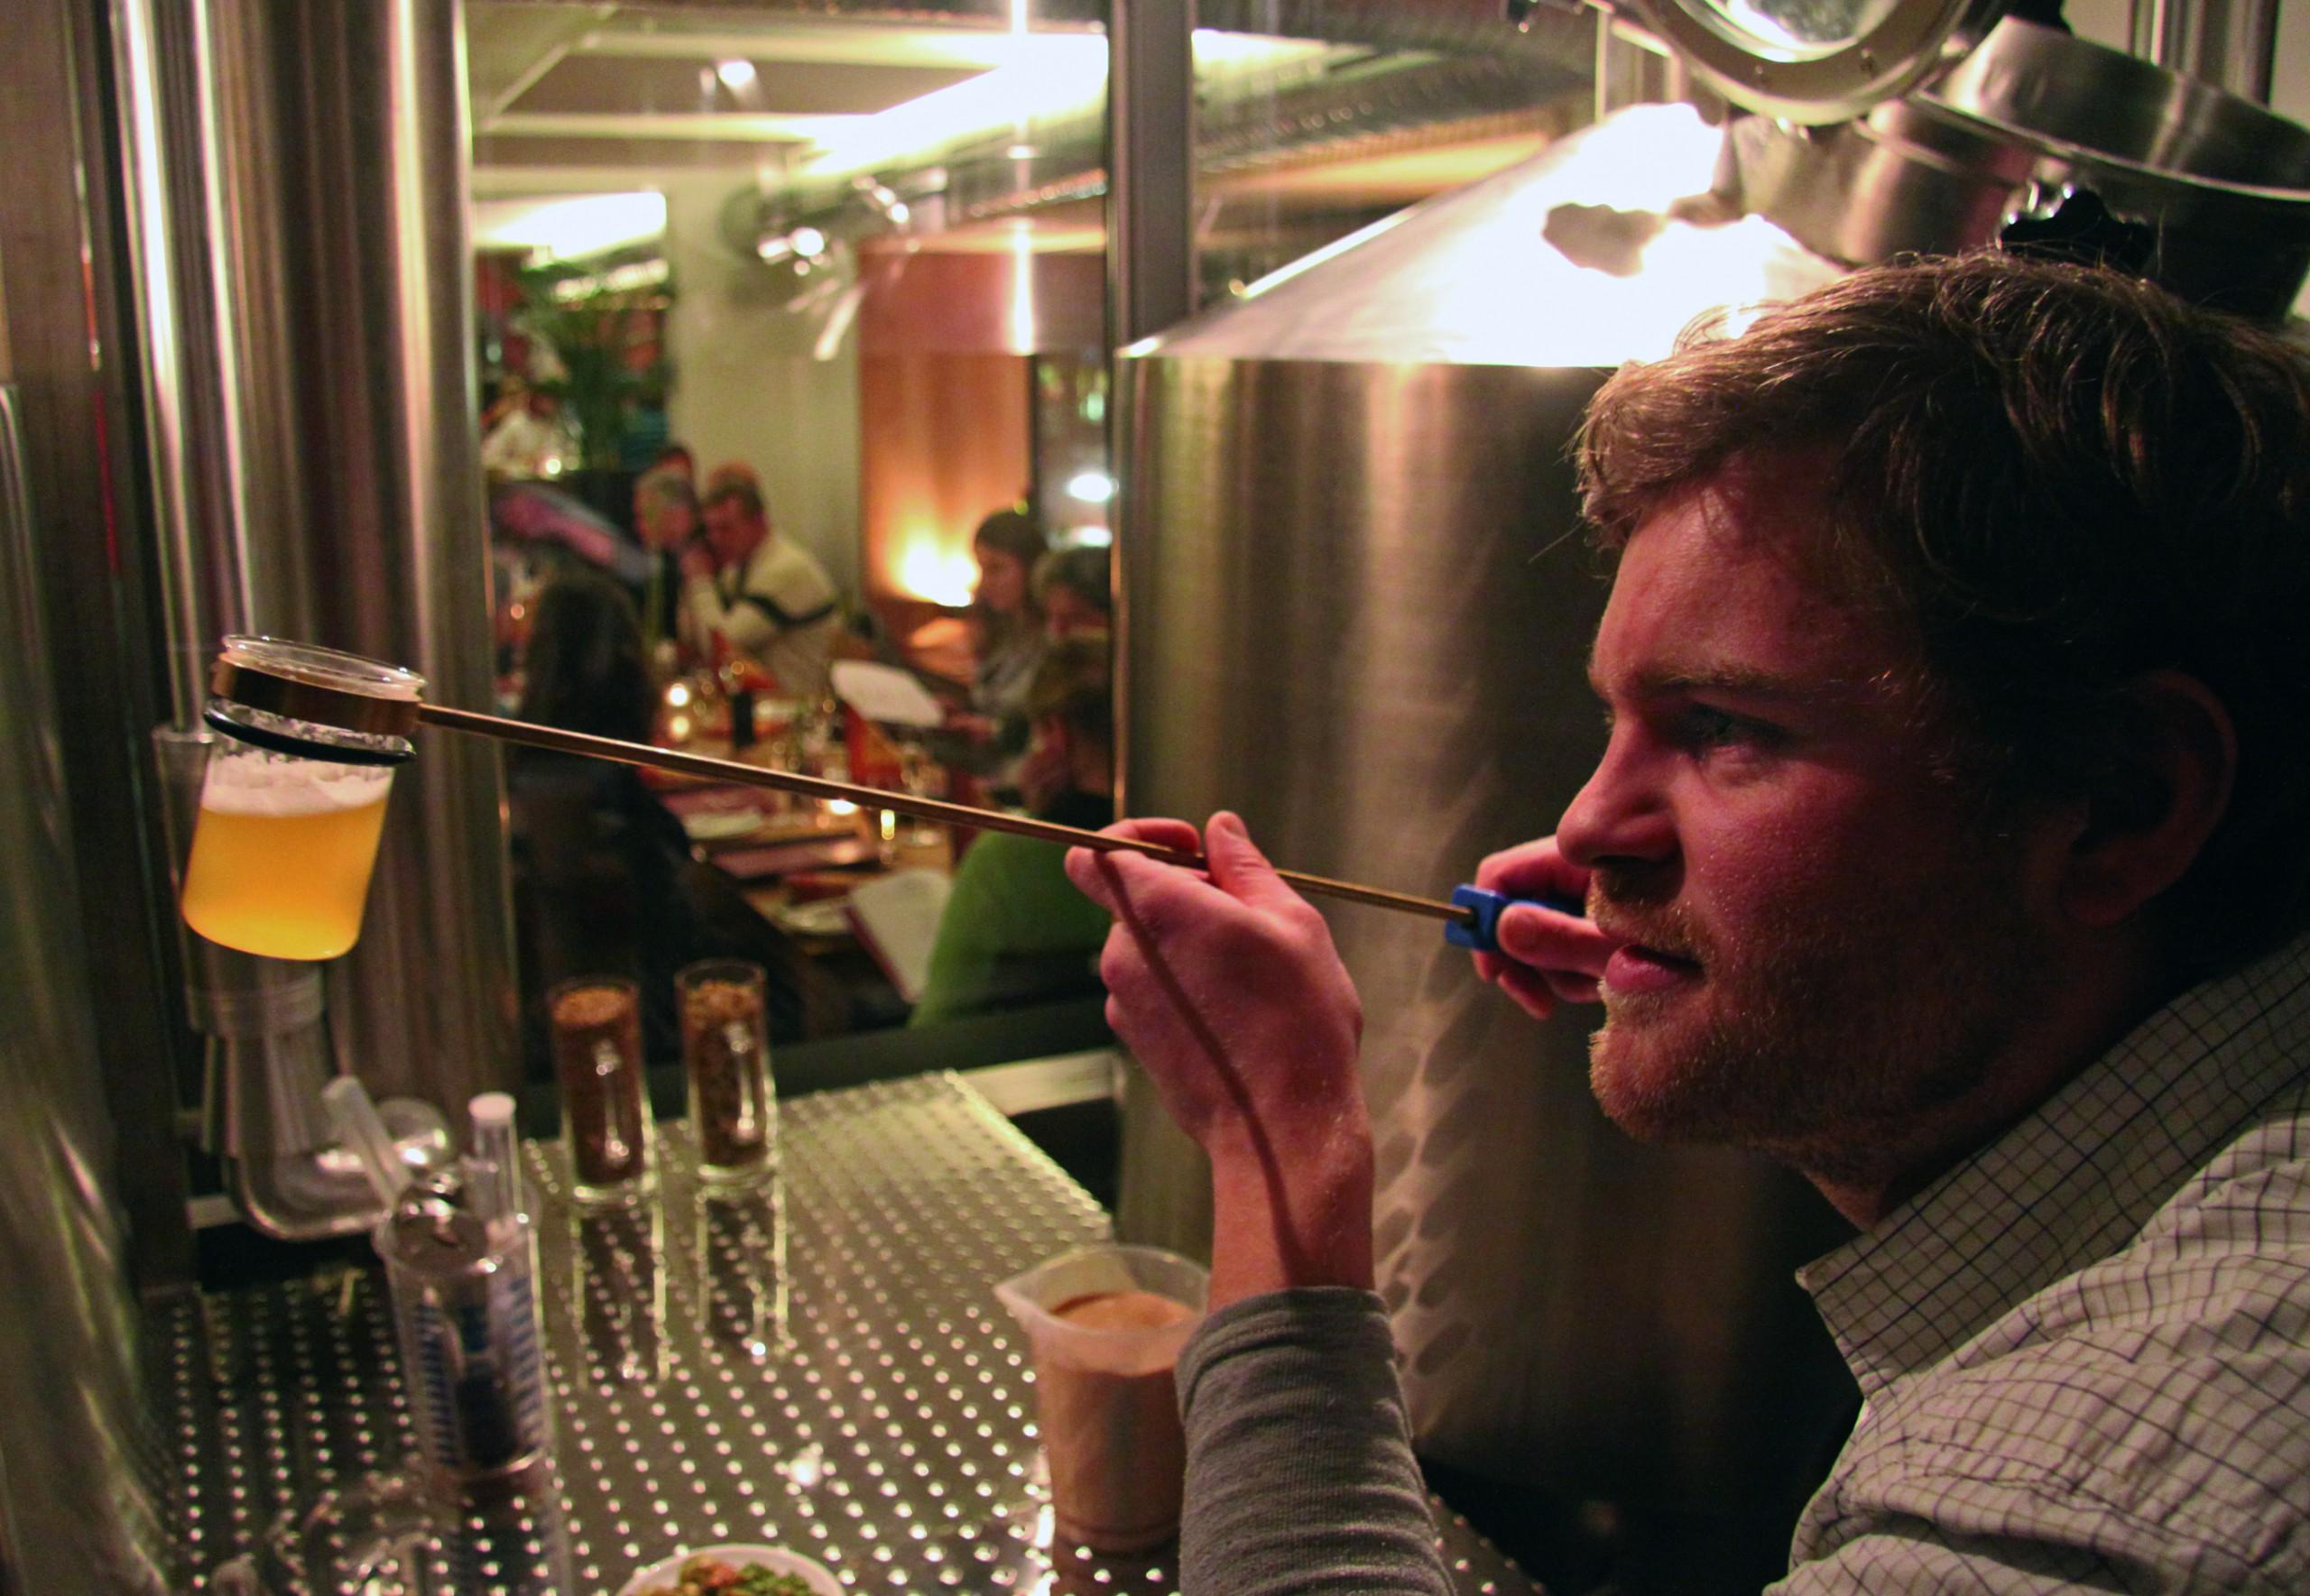 Bier brauen in Bad Tölz